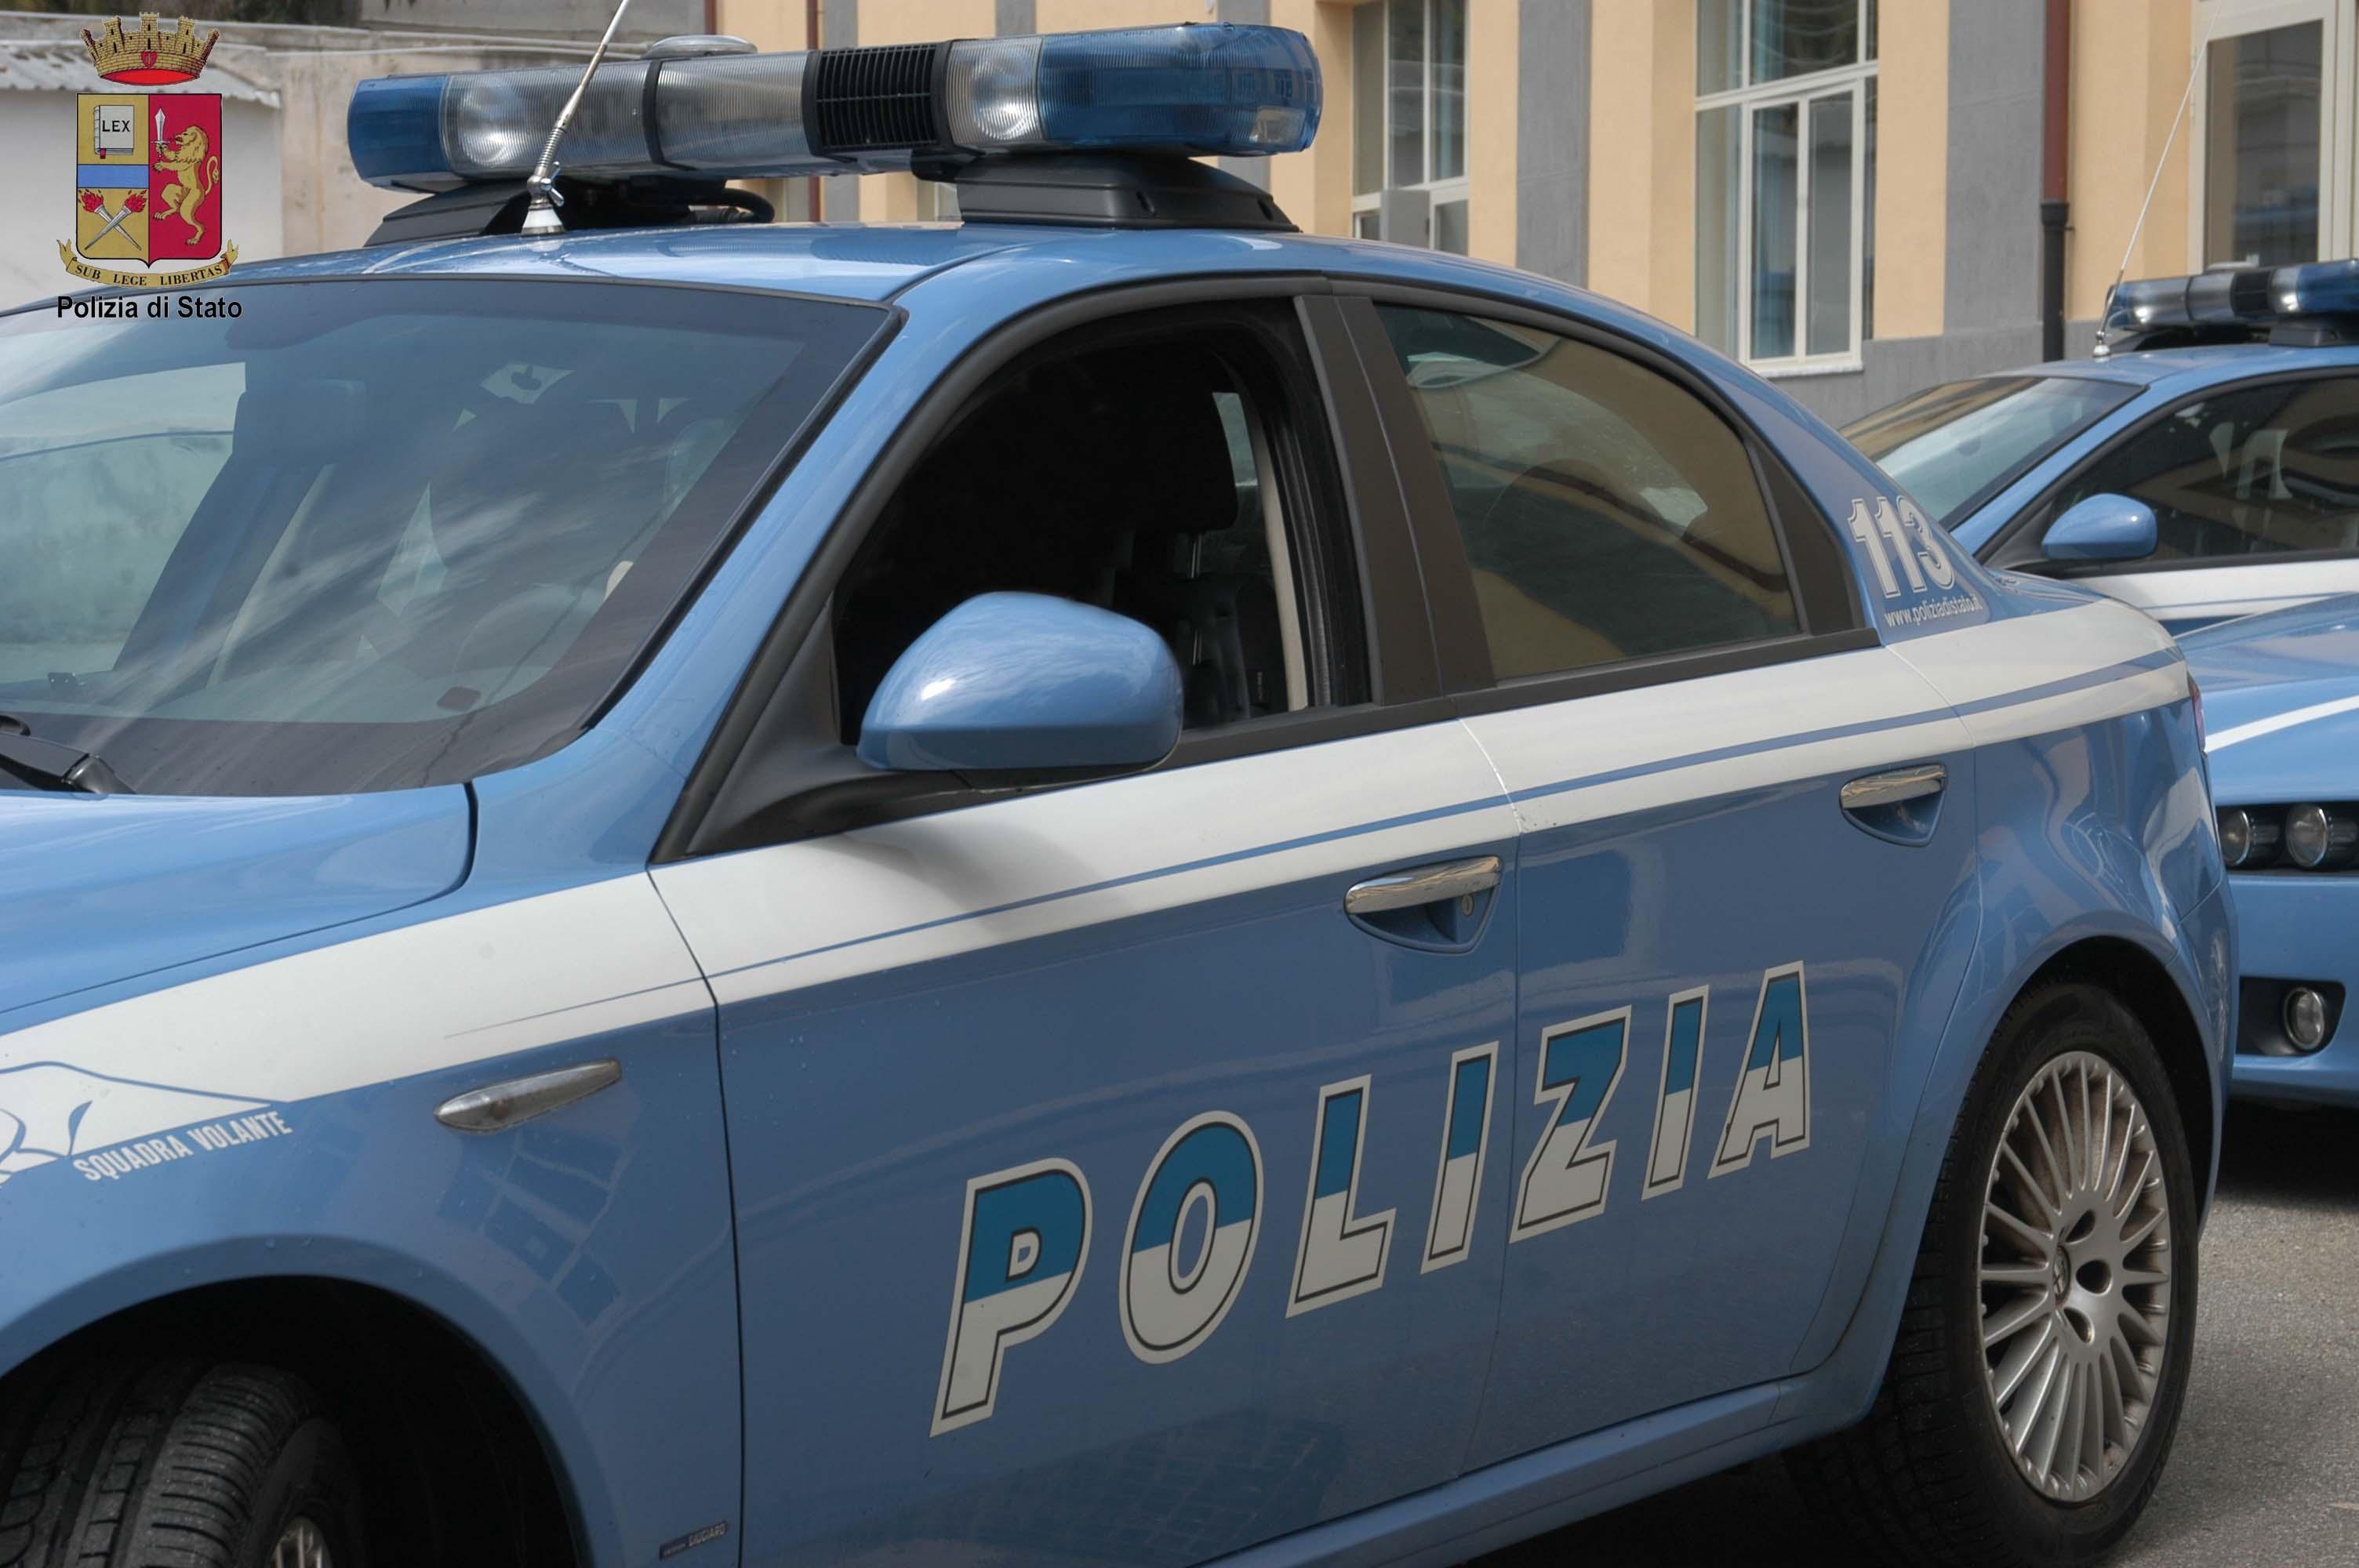 Trapani, Litiga con la moglie e la accoltella: arrestato. La donna ha chiuso il coniuge in camera da letto e ha chiamato il 113